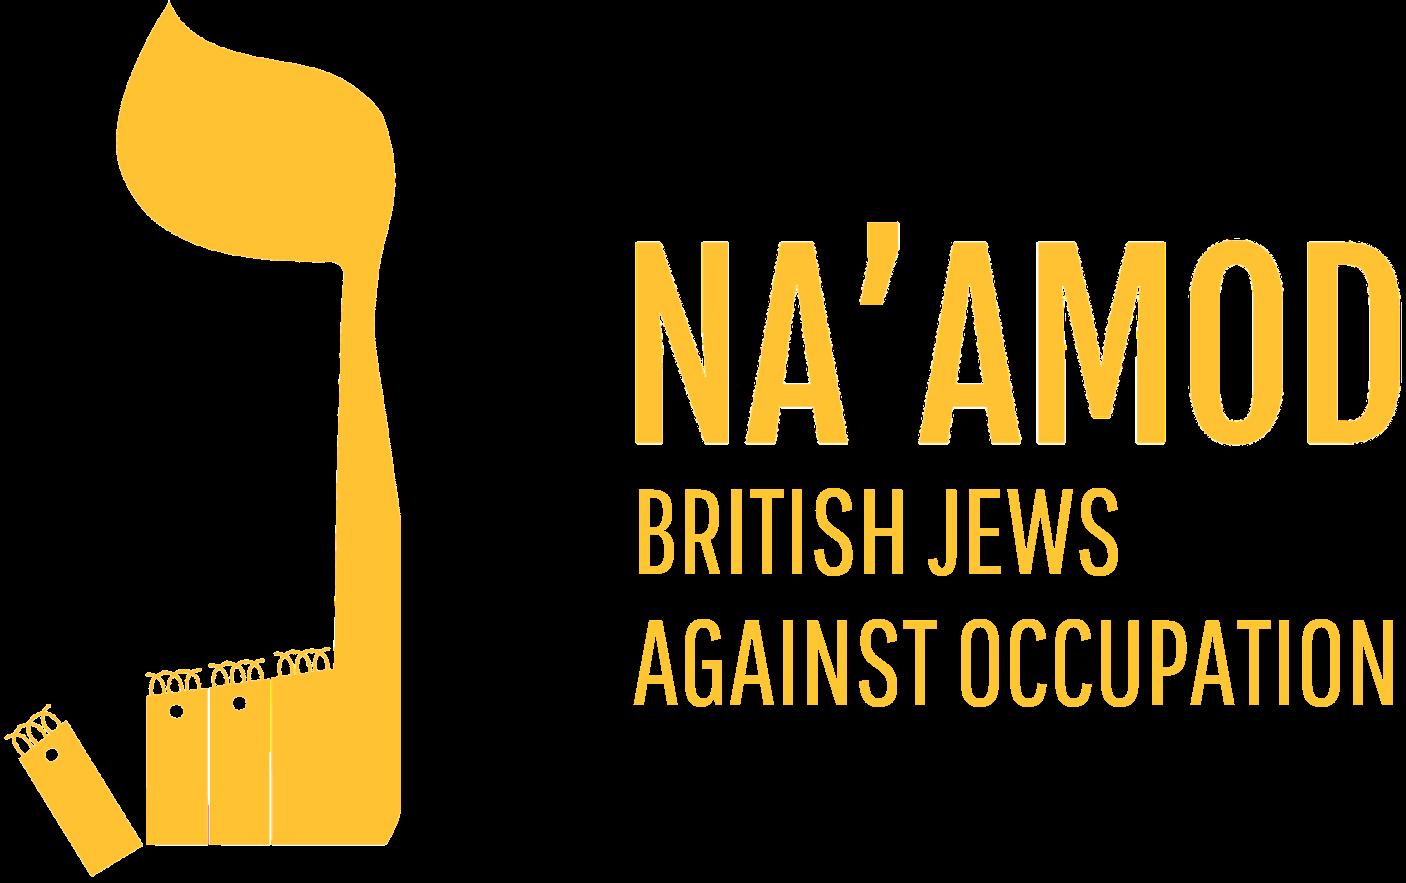 Na'amod